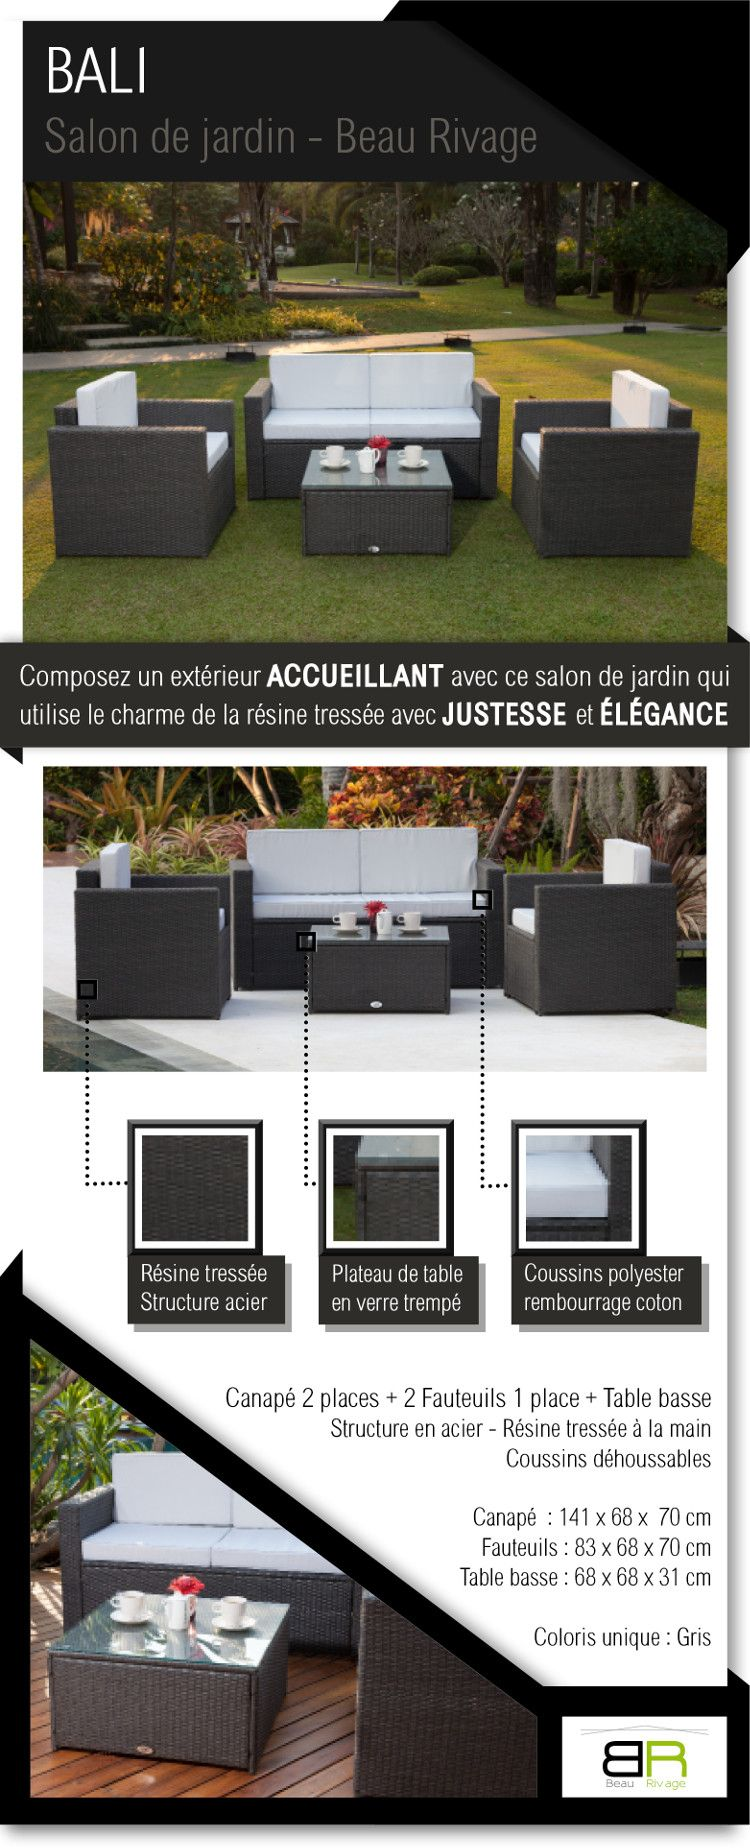 Cdiscount Mobilier De Jardin Nouveau Salon De Jardin Deco Studio